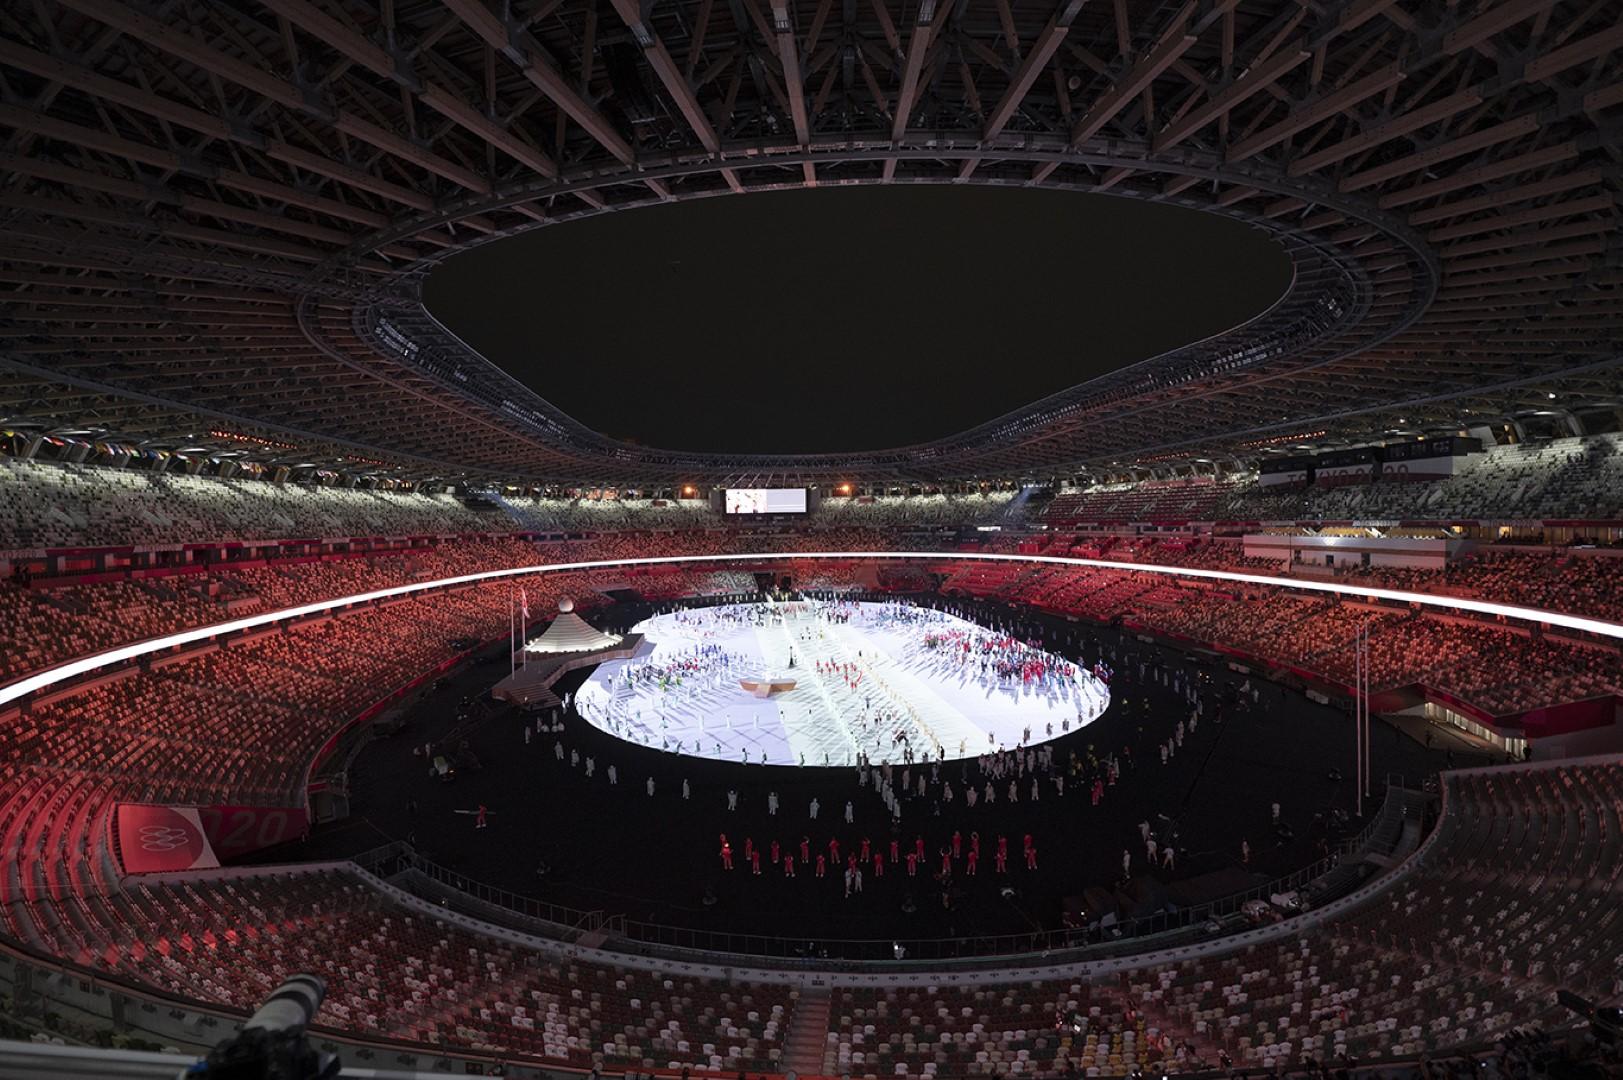 المطروشي يحمل علم الدولة في حفل افتتاح أولمبياد طوكيو 2020